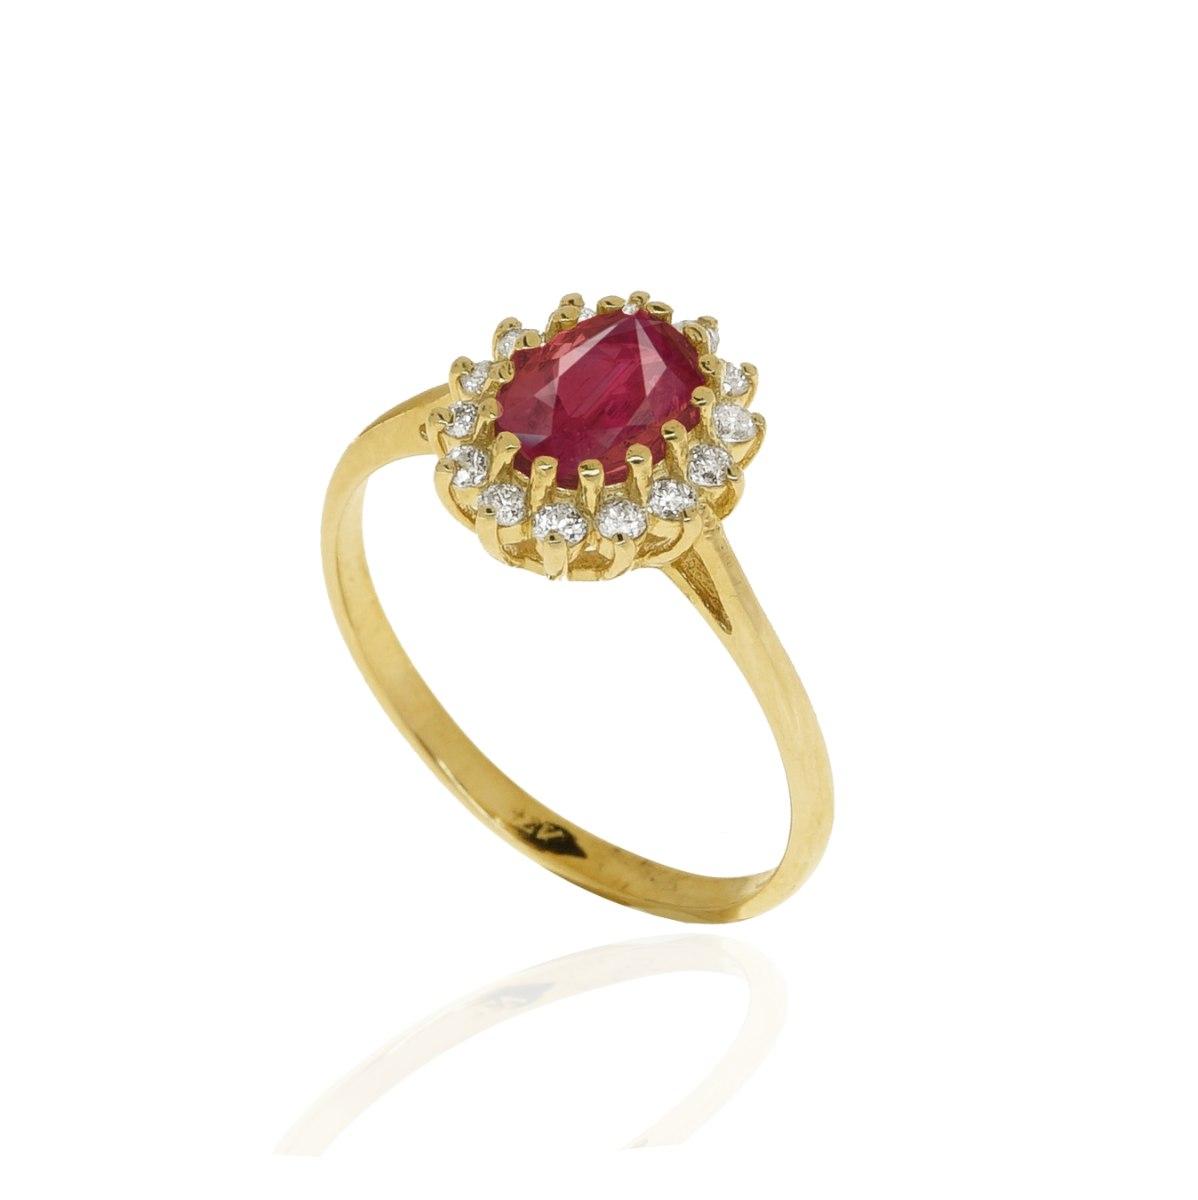 טבעת דיאנה אבן רובי  1 קראט ויהלומים 0.26 קראט בזהב 14 קראט │ טבעת עם רובי